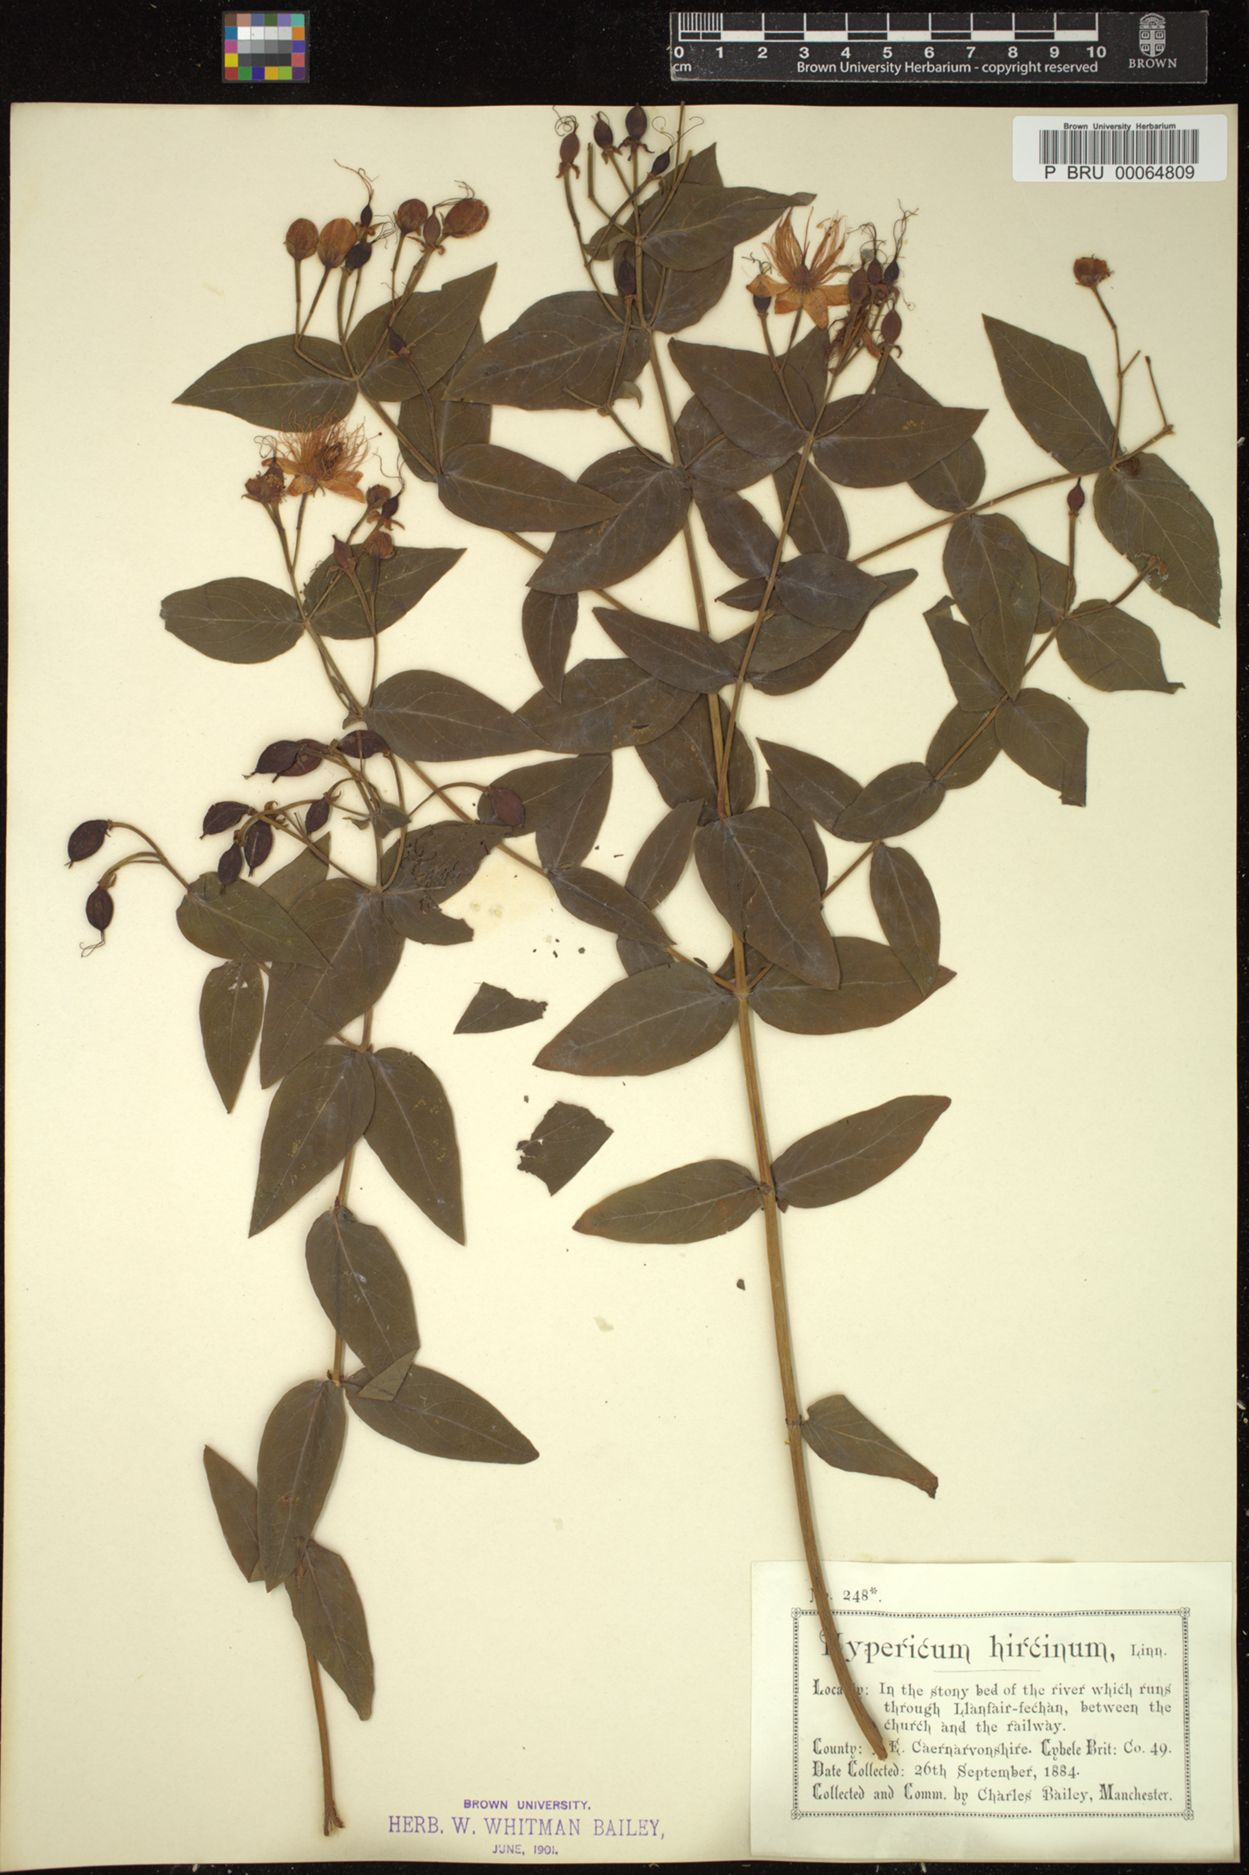 Hypericum hircinum image